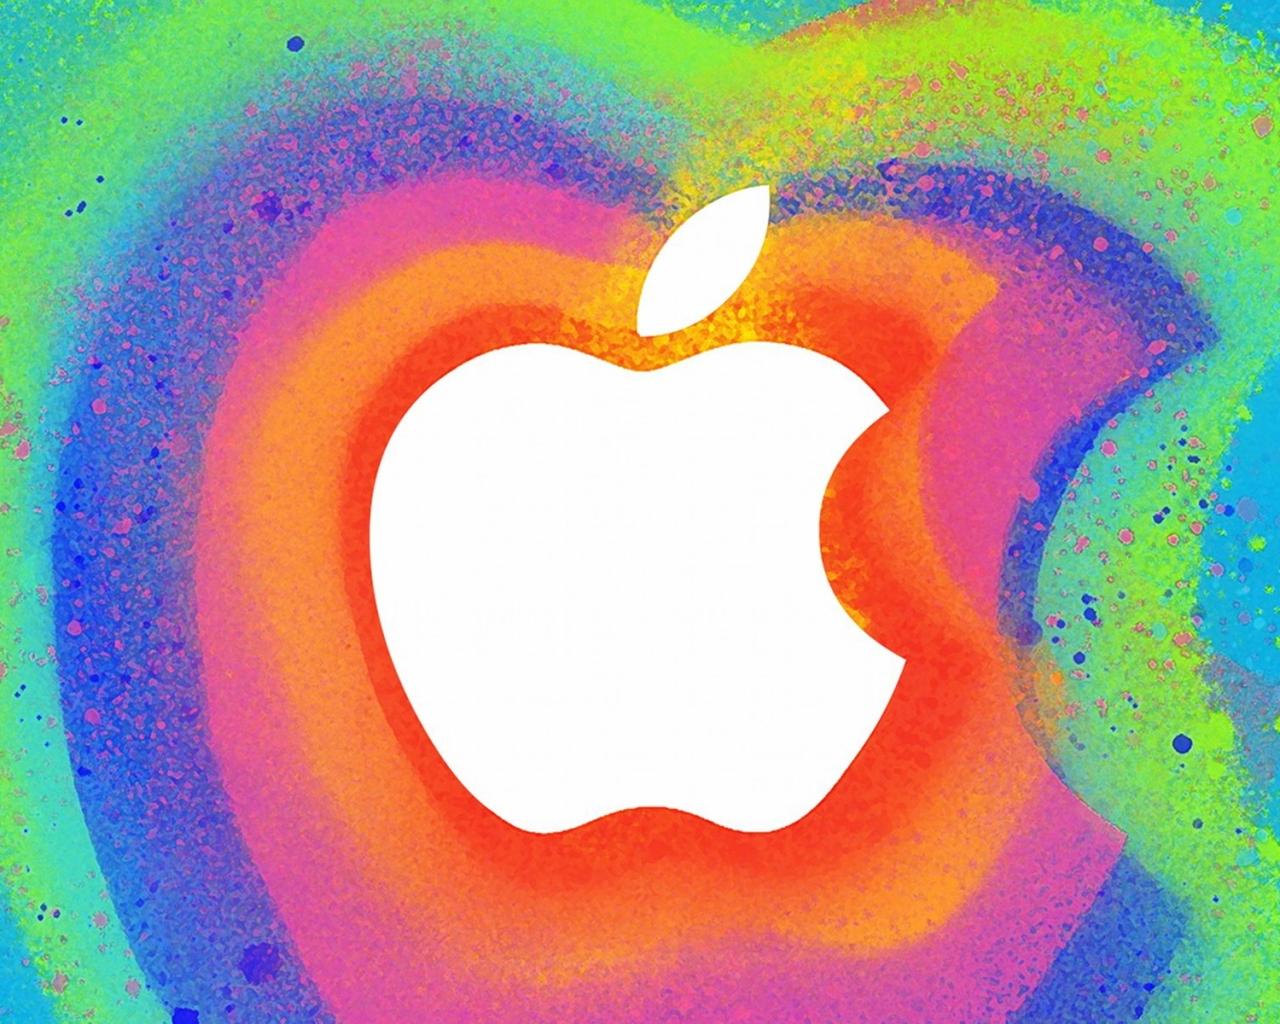 Manzana en colores - 1280x1024